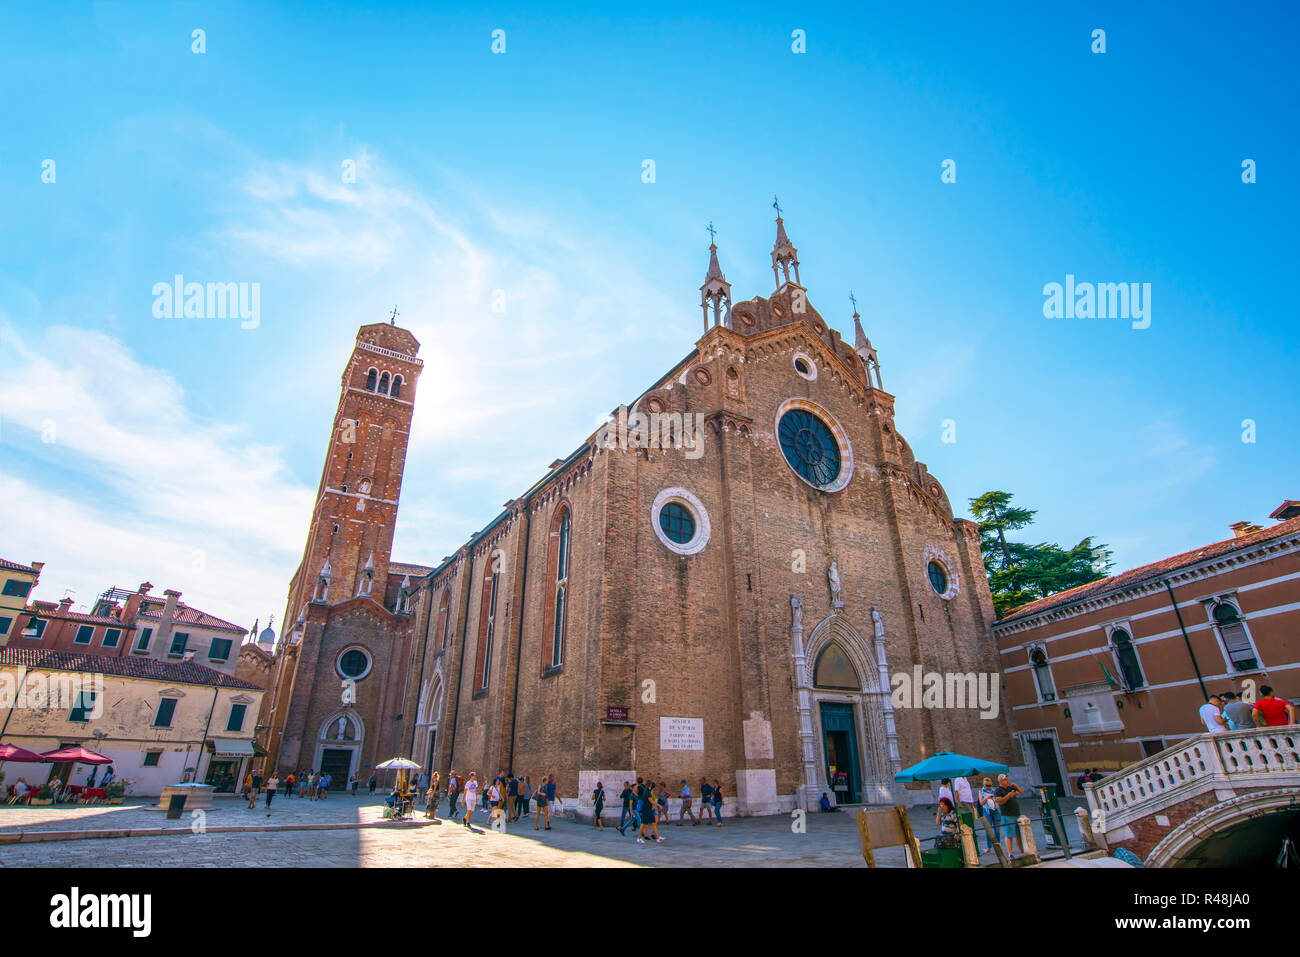 Venise. Septembre 2018 L'Italie. Basilica di Santa Maria Gloriosa dei Frari Banque D'Images